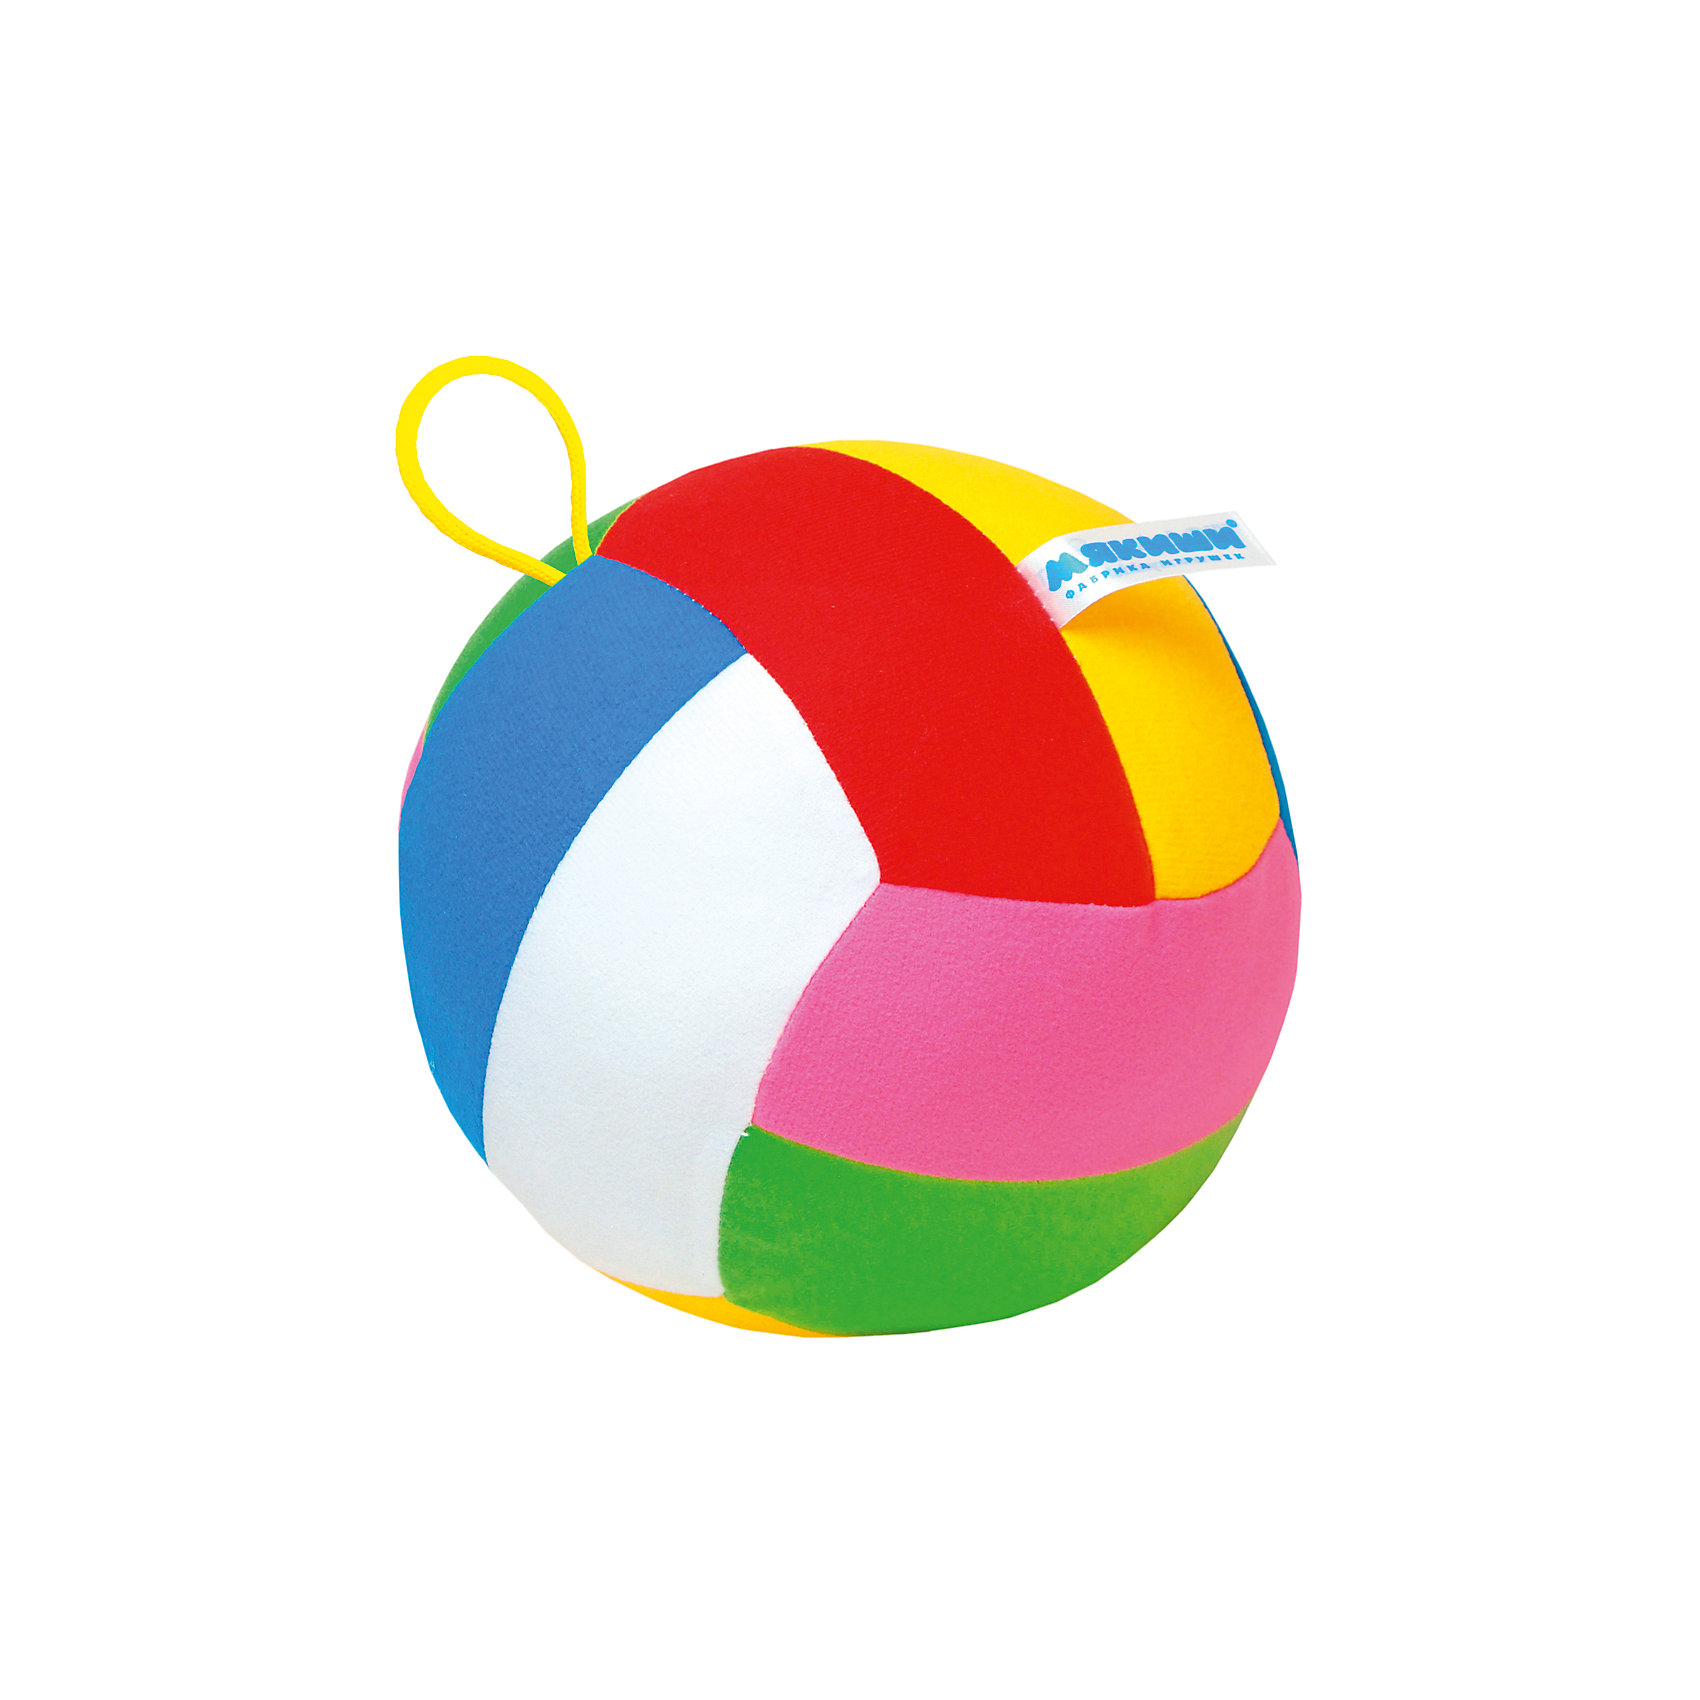 Мяч с погремушкойШалун, МякишиХарактеристики товара:<br><br>• цвет: разноцветный<br>• материал: трикотаж, холлофайбер<br>• комплектация: 1 шт<br>• размер игрушки: 15 см<br>• размер упаковки: 15 см<br>• развивающая игрушка<br>• упаковка: пакет<br>• звуковой элемент внутри<br>• страна бренда: РФ<br>• страна изготовитель: РФ<br><br>Малыши активно познают мир и тянутся к новой информации. Чтобы сделать процесс изучения окружающего пространства интереснее, ребенку можно подарить развивающие игрушки. В процессе игры информация усваивается намного лучше!<br>Такие мячики помогут занять малыша, играть ими приятно и весело. Одновременно они позволят познакомиться с разными цветами и фактурами. Такие игрушки развивают тактильные ощущения, моторику, цветовосприятие, логику, воображение, учат фокусировать внимание. Каждое изделие абсолютно безопасно – оно создано из качественной ткани с мягким наполнителем. Игрушки производятся из качественных и проверенных материалов, которые безопасны для детей.<br><br>Мяч с погремушкой Шалун от бренда Мякиши можно купить в нашем интернет-магазине.<br><br>Ширина мм: 160<br>Глубина мм: 160<br>Высота мм: 160<br>Вес г: 90<br>Возраст от месяцев: 12<br>Возраст до месяцев: 36<br>Пол: Унисекс<br>Возраст: Детский<br>SKU: 5183161